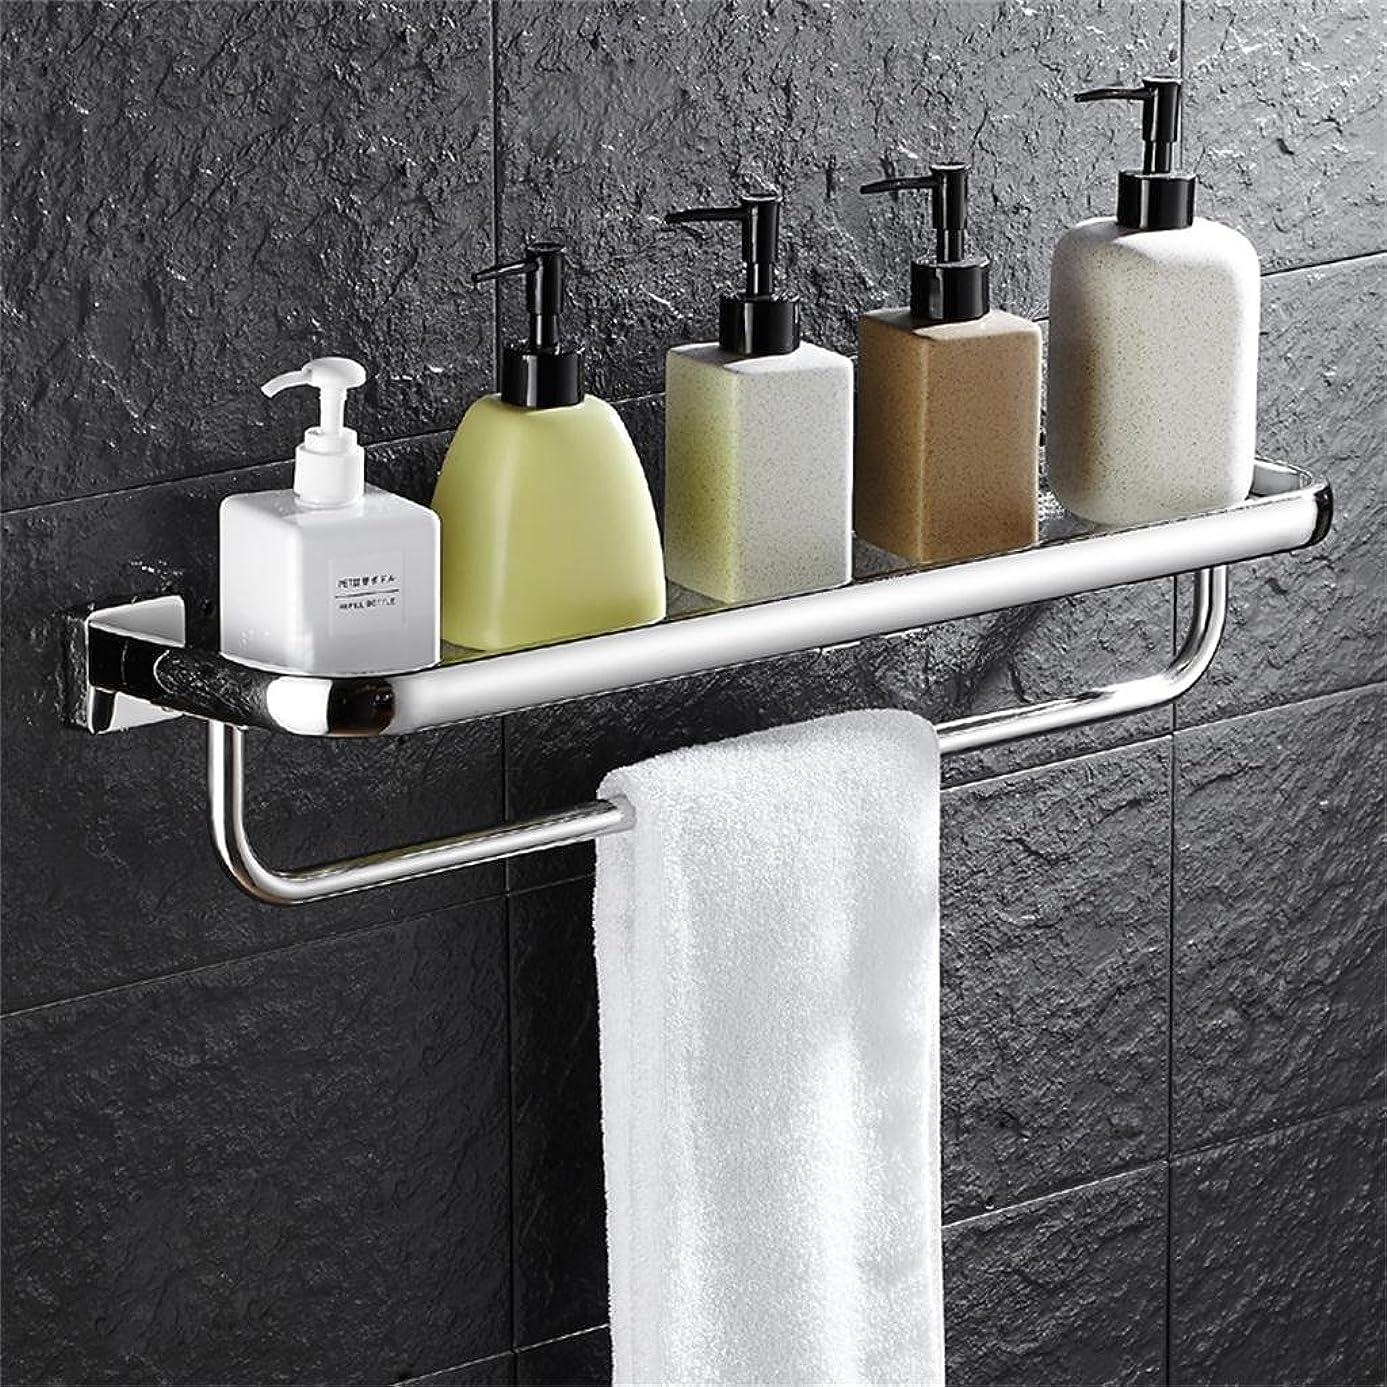 そしてアンデス山脈落ち着いたShariv-バスルームの棚 タオルラック、壁にマウントされたバスルームの多目的ラック、(マルチサイズオプション)と304ステンレス鋼1層のバスルームガラスの棚 (サイズ さいず : 43センチメートル)